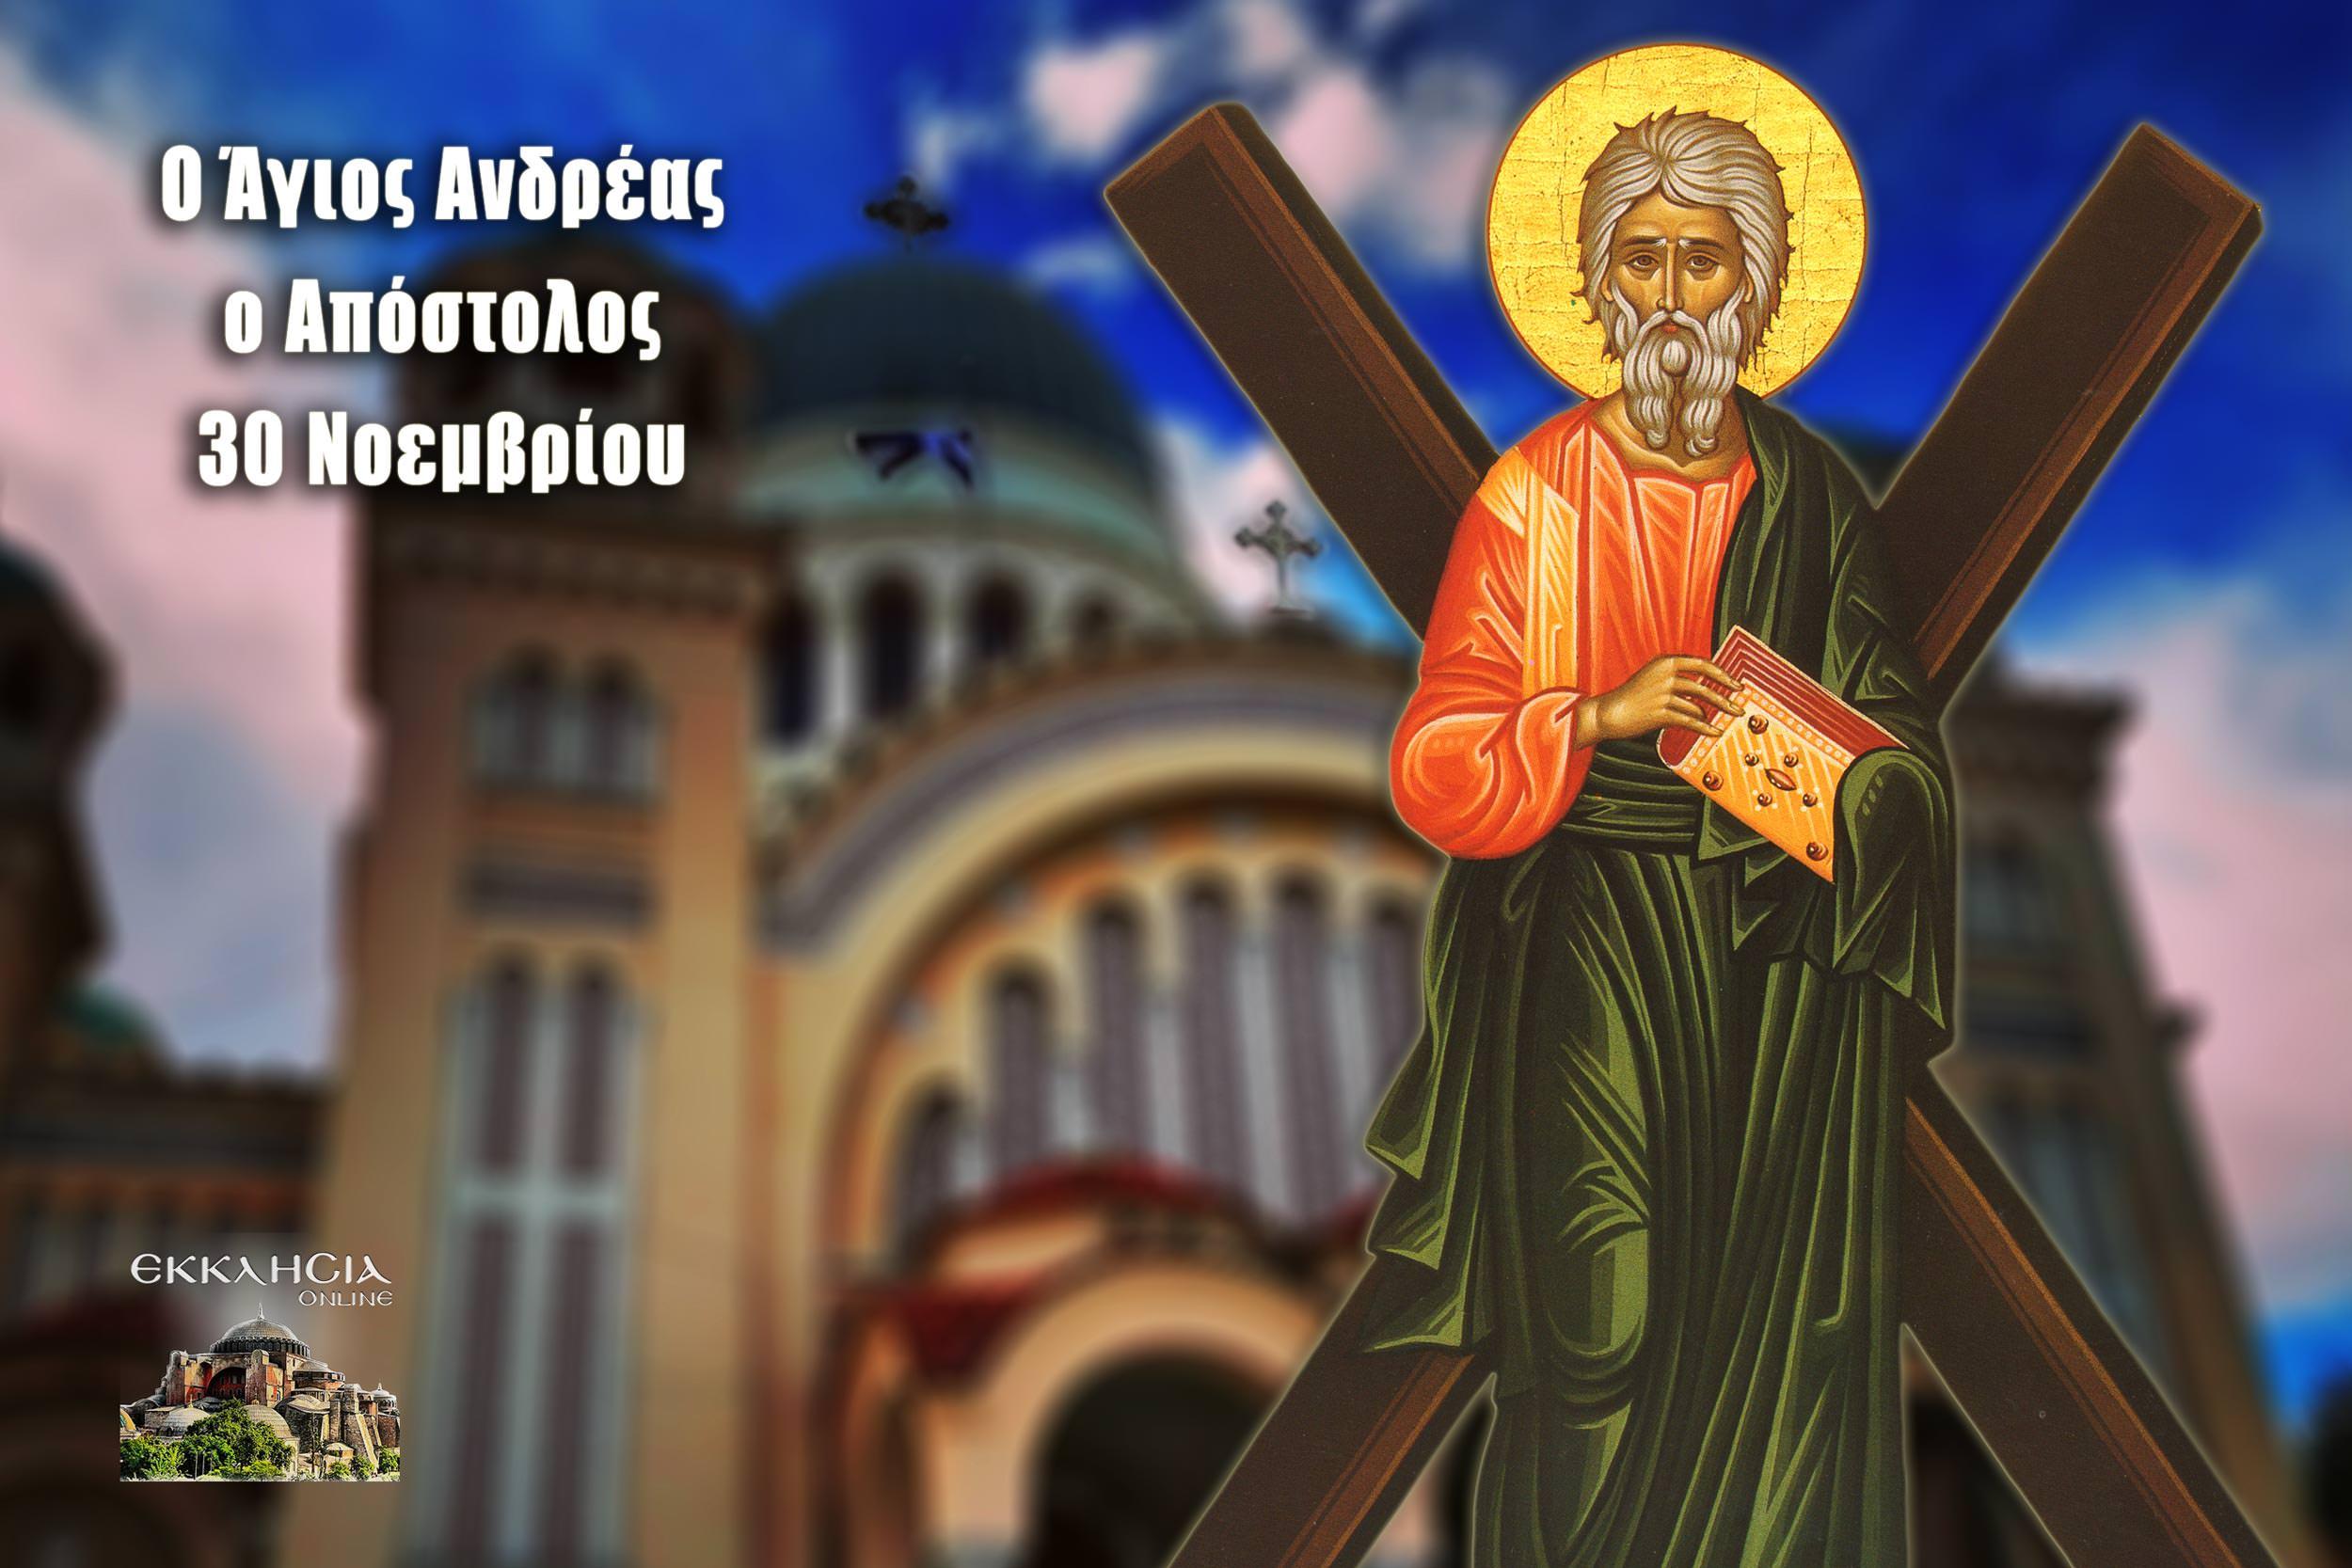 Απόστολος Ανδρέας ο Πρωτόκλητος 30 Νοεμβρίου